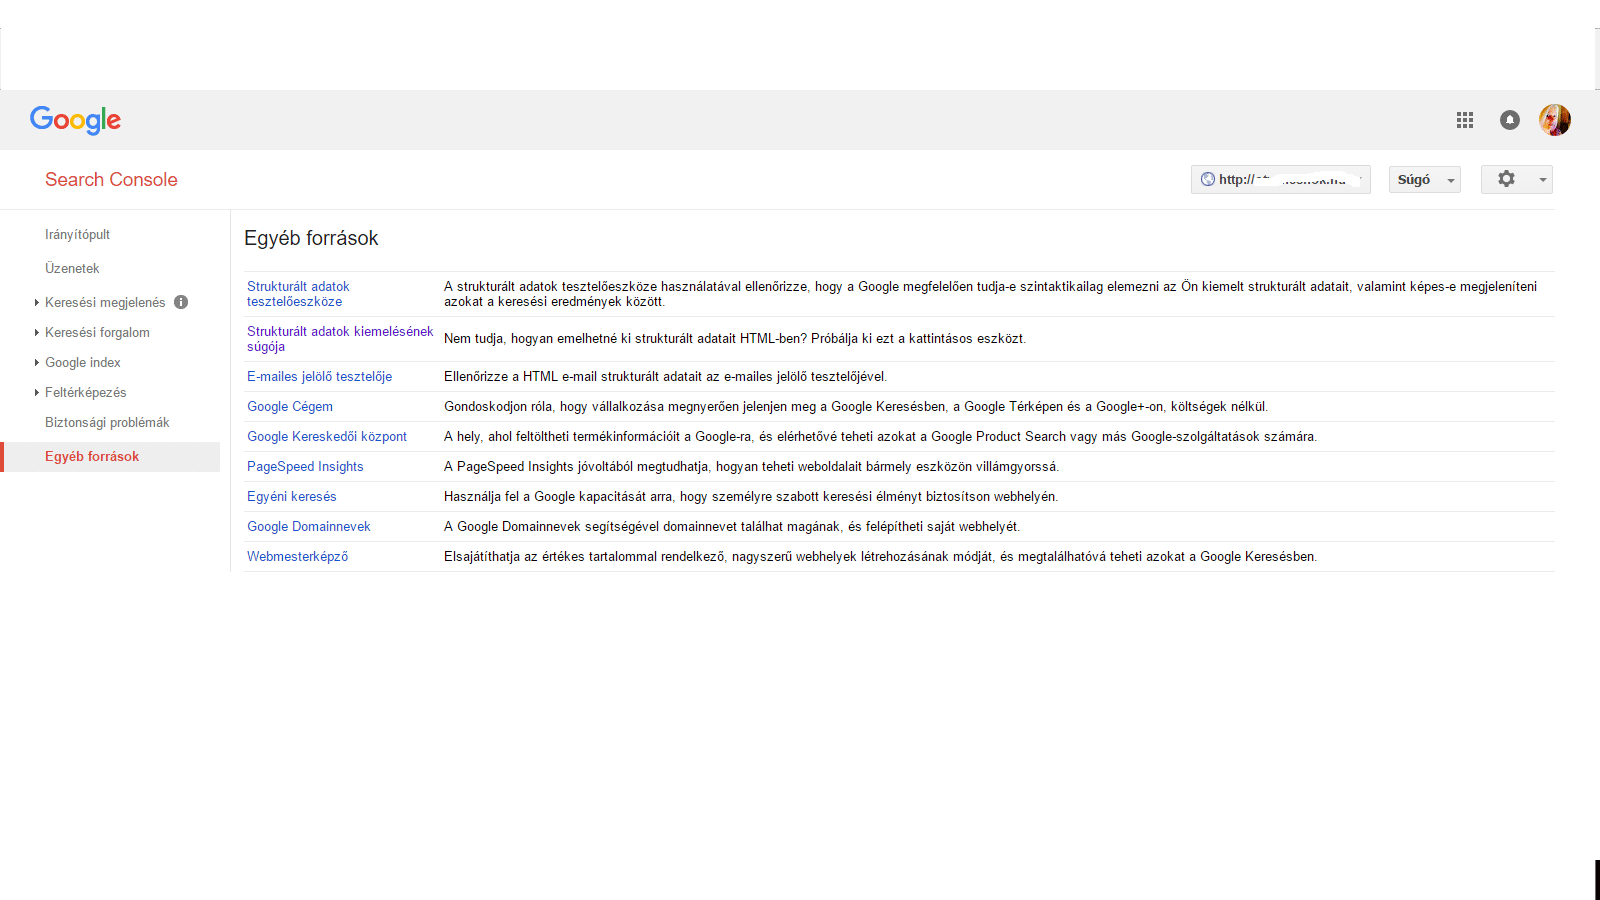 c5034e58e7 Google Webmester Eszközök – Miért van szükség keresőoptimalizálásra?